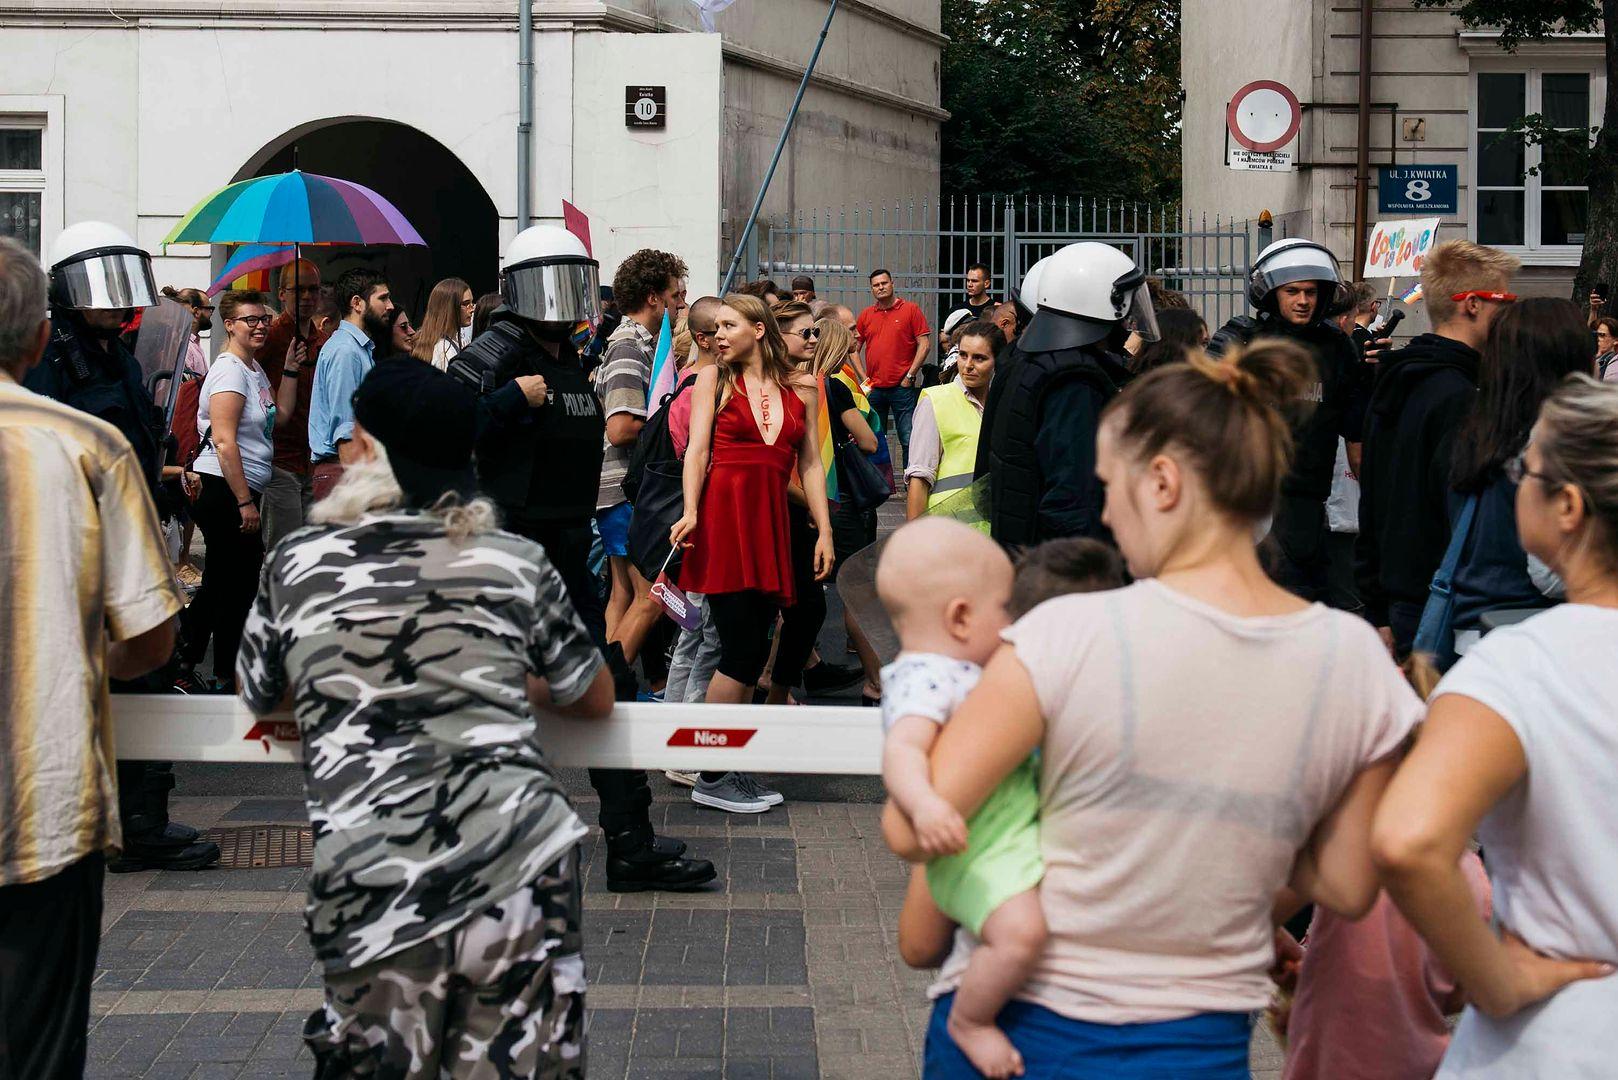 W Płocku - podobnie jak w Białymstoku - na marszu pojawiły się dzieci.